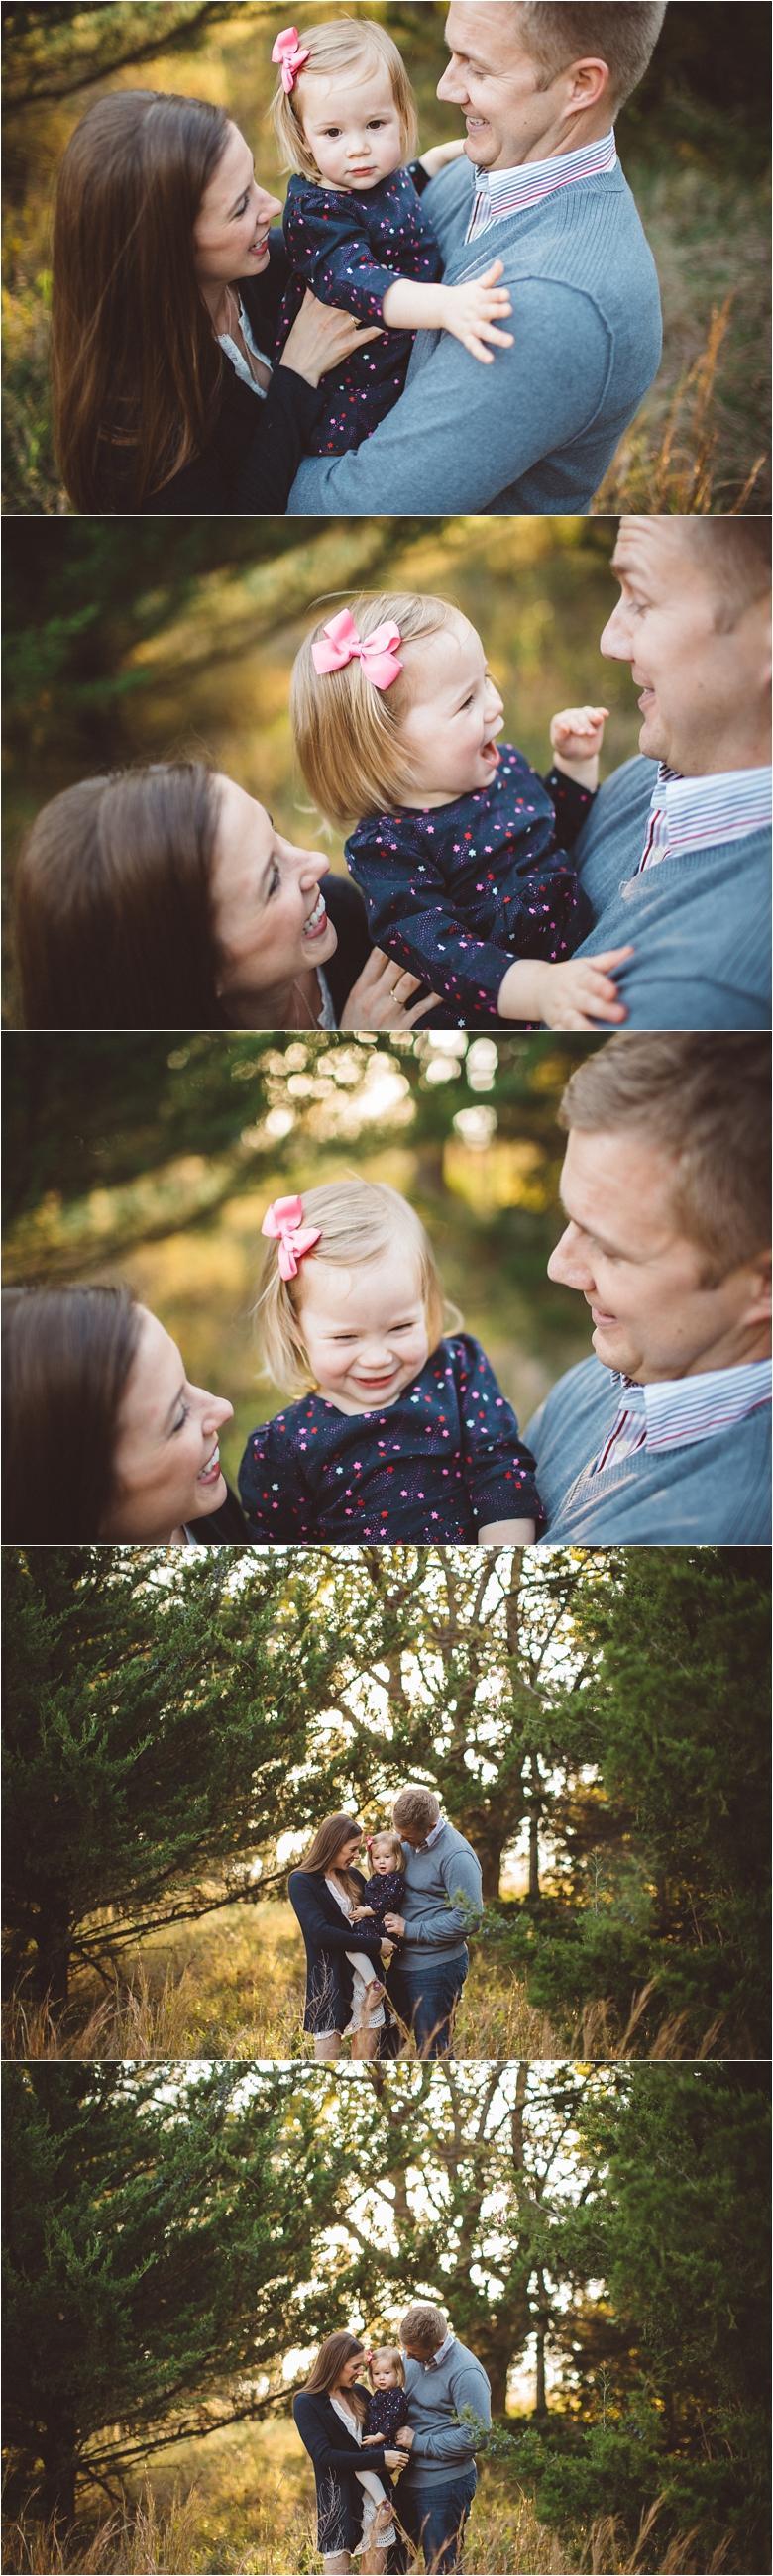 kansascitysbestfamilyphotographer_0008